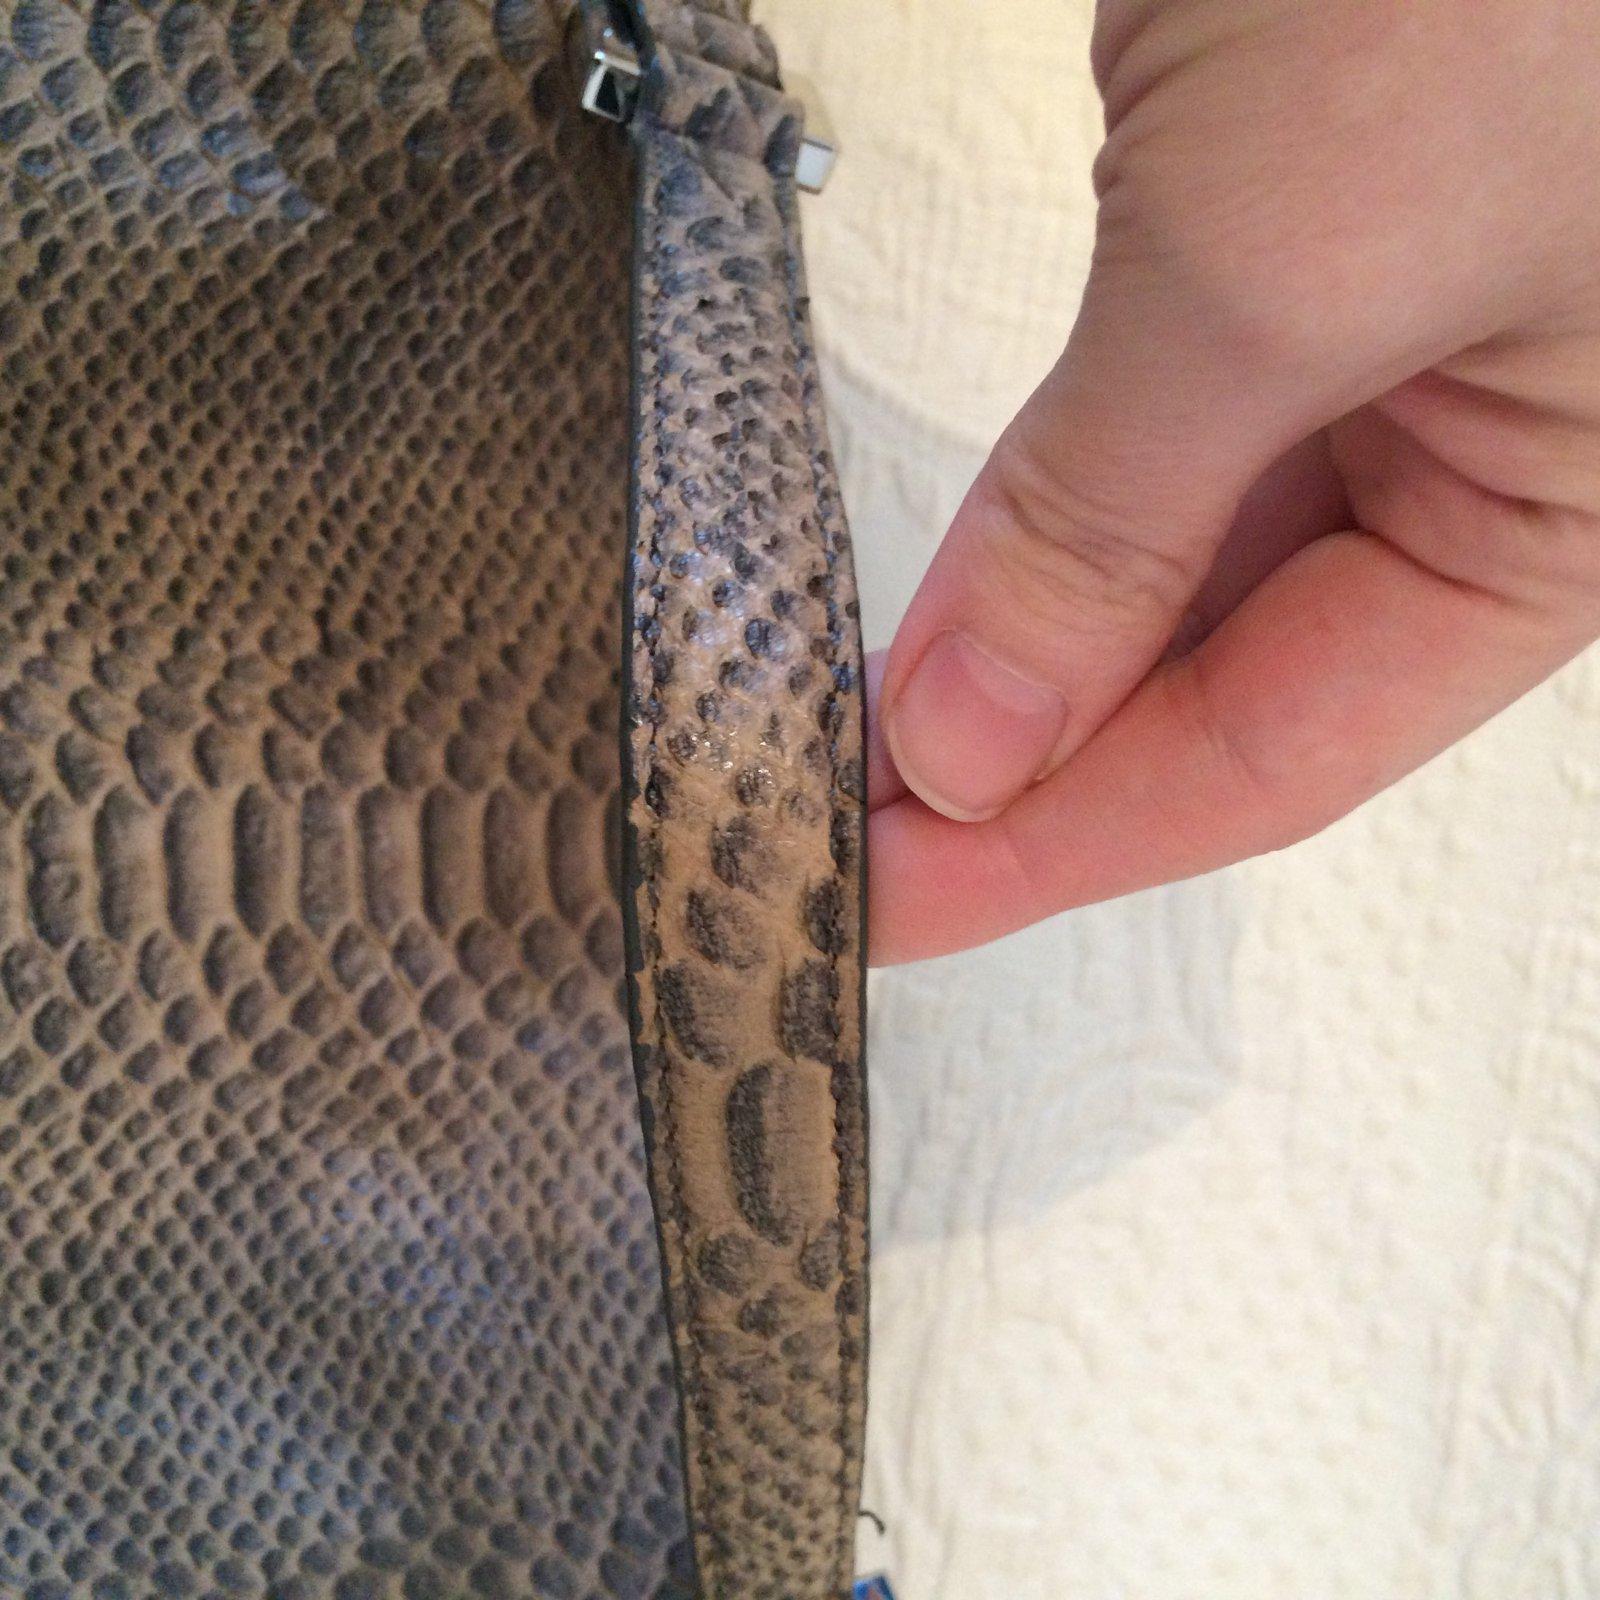 Facebook · Pin This. Juicy Couture Handbags Handbags Leather Dark grey ref. 63963 540053a73dd0c